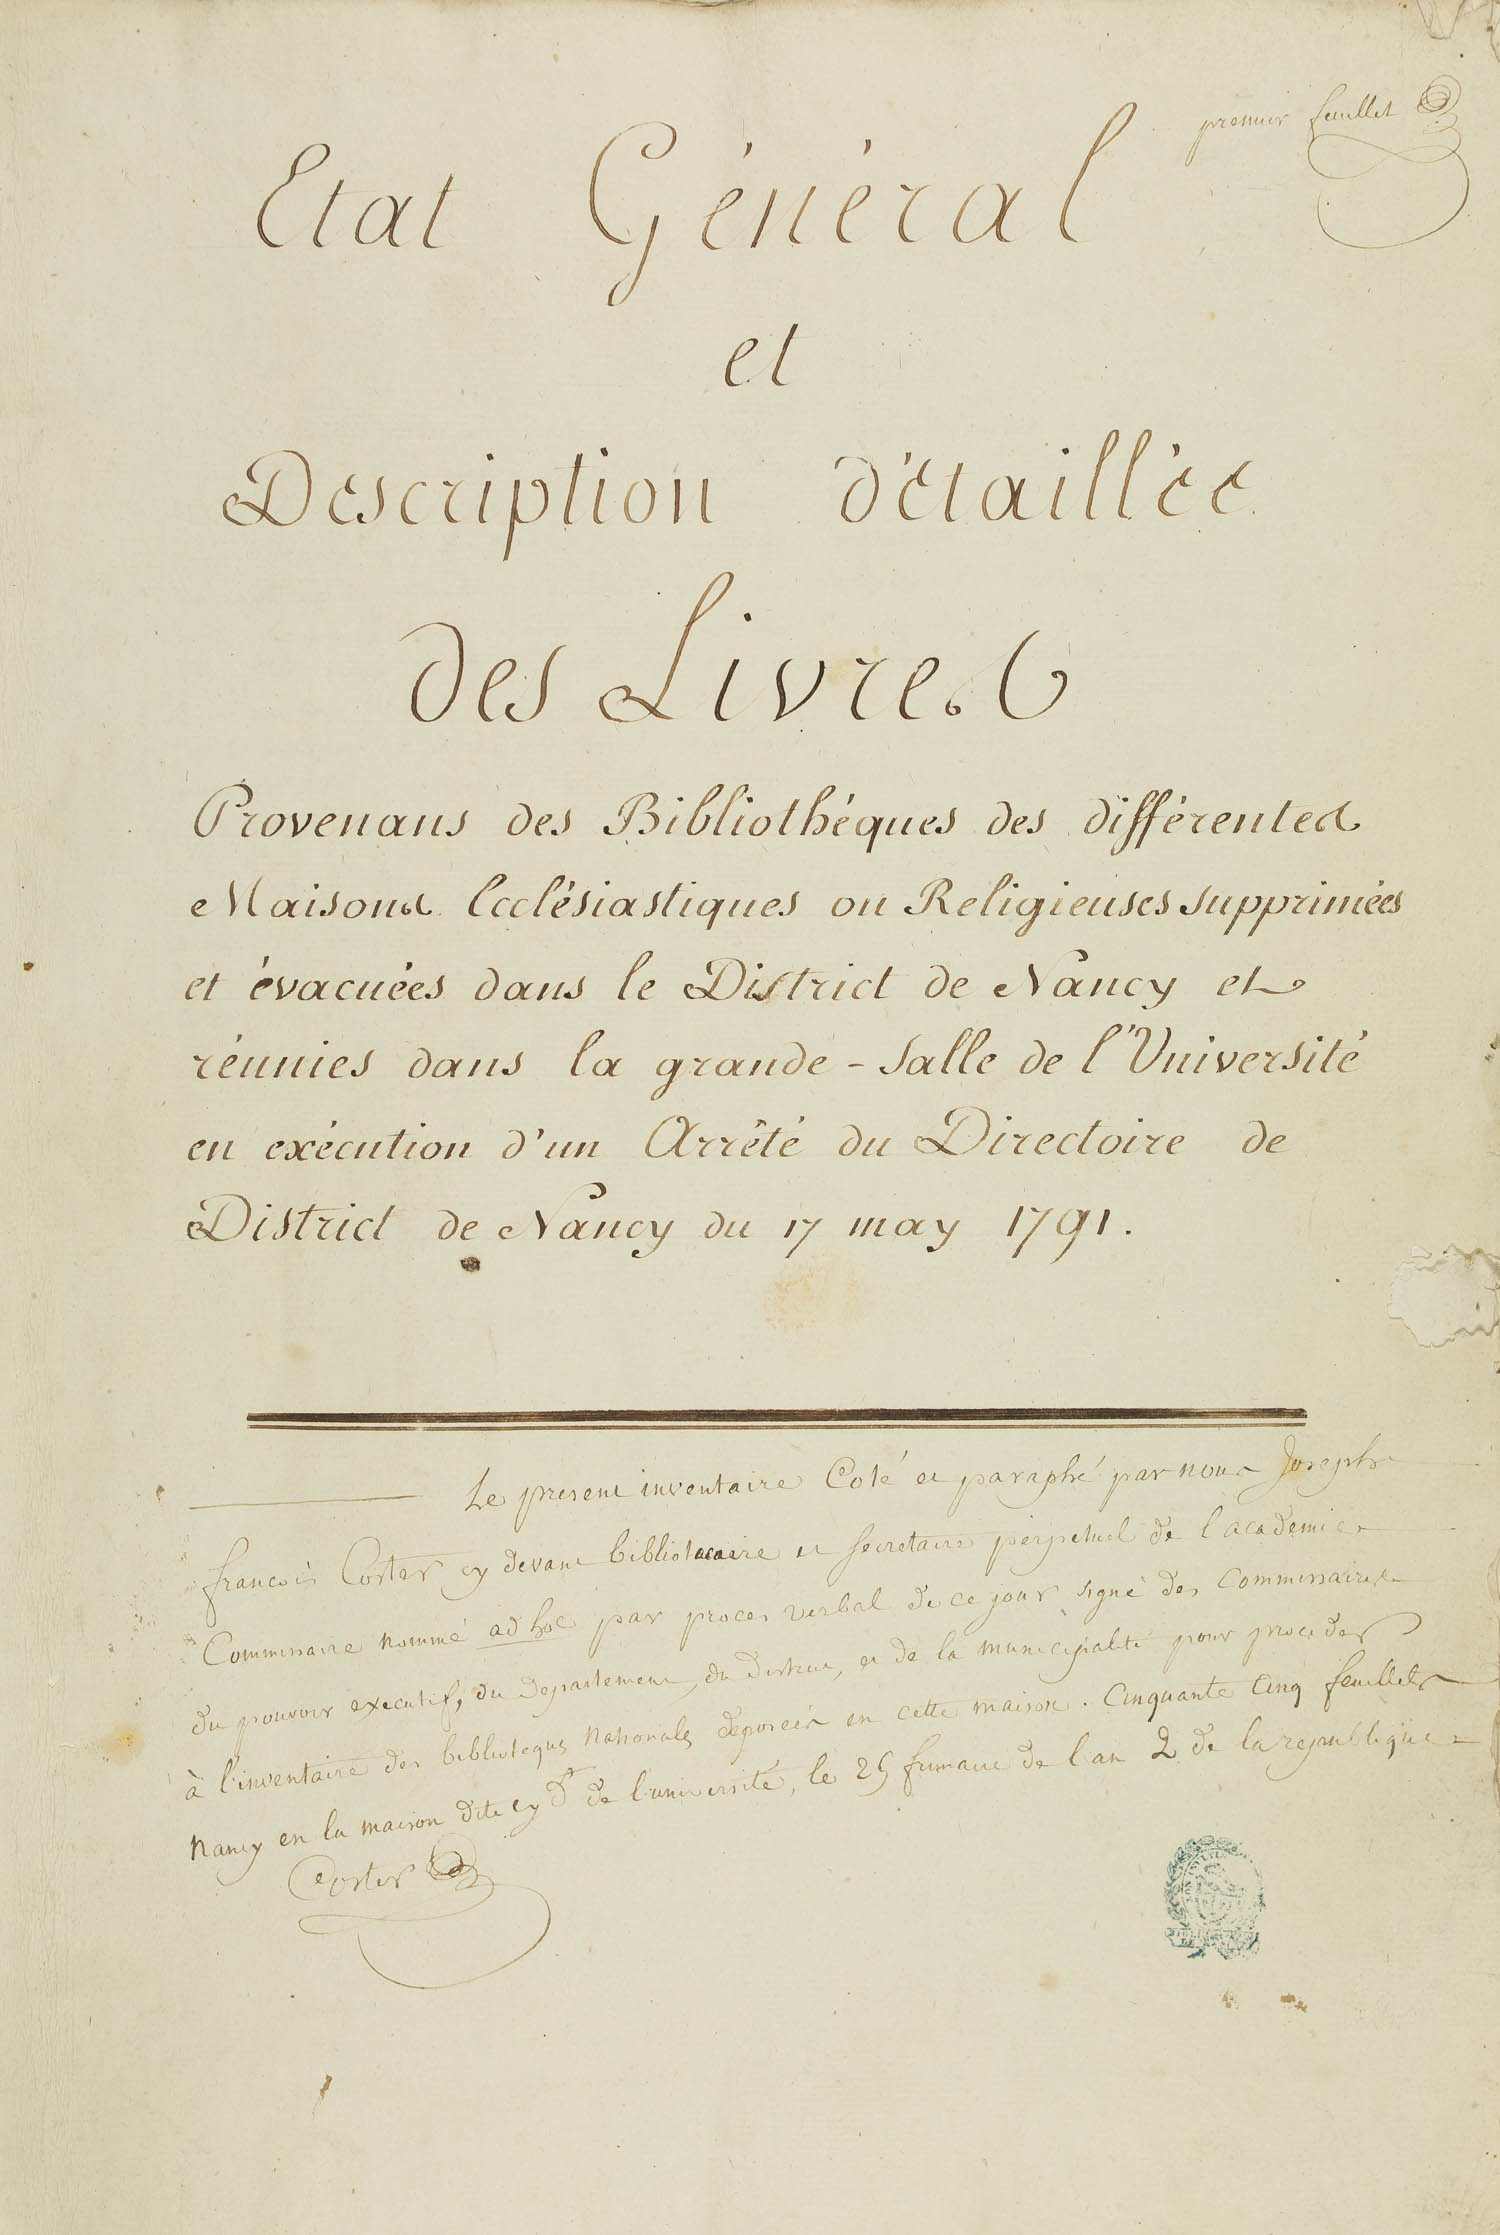 Inventaire des saisies révolutionnaires BM Nancy, page de titre